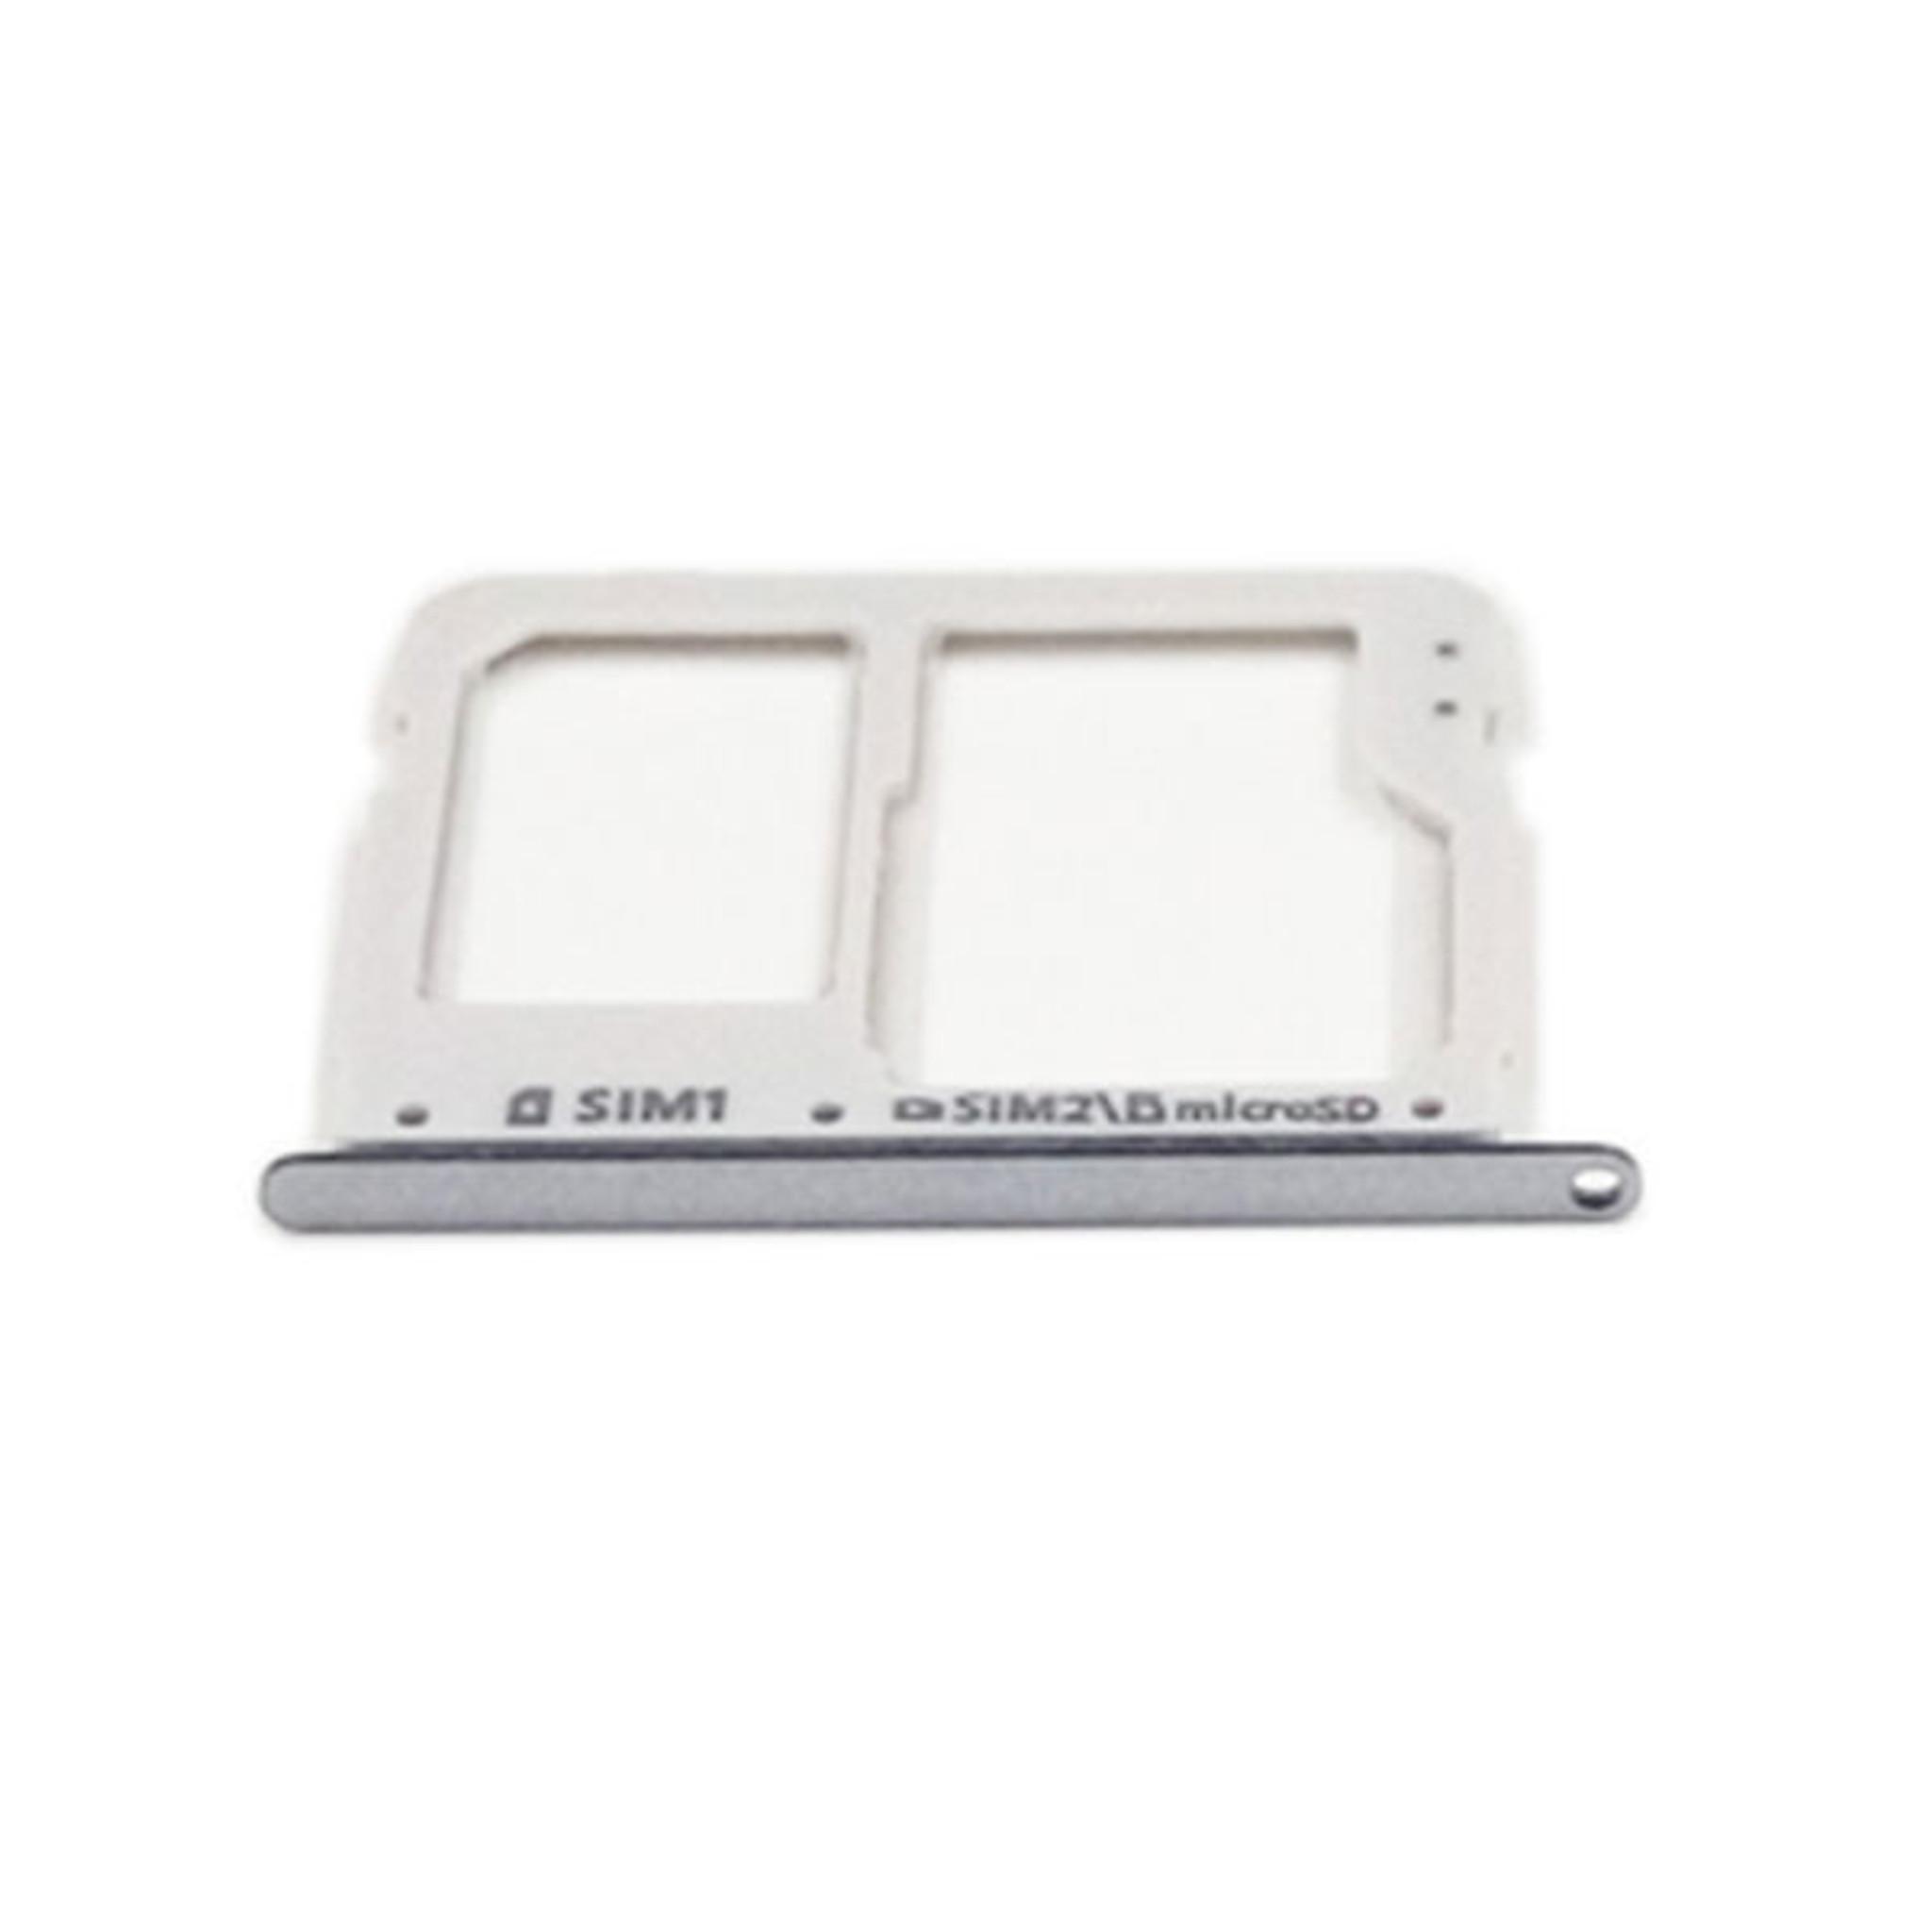 SIM Tray for Samsung Galaxy C7 C7000 -Gray